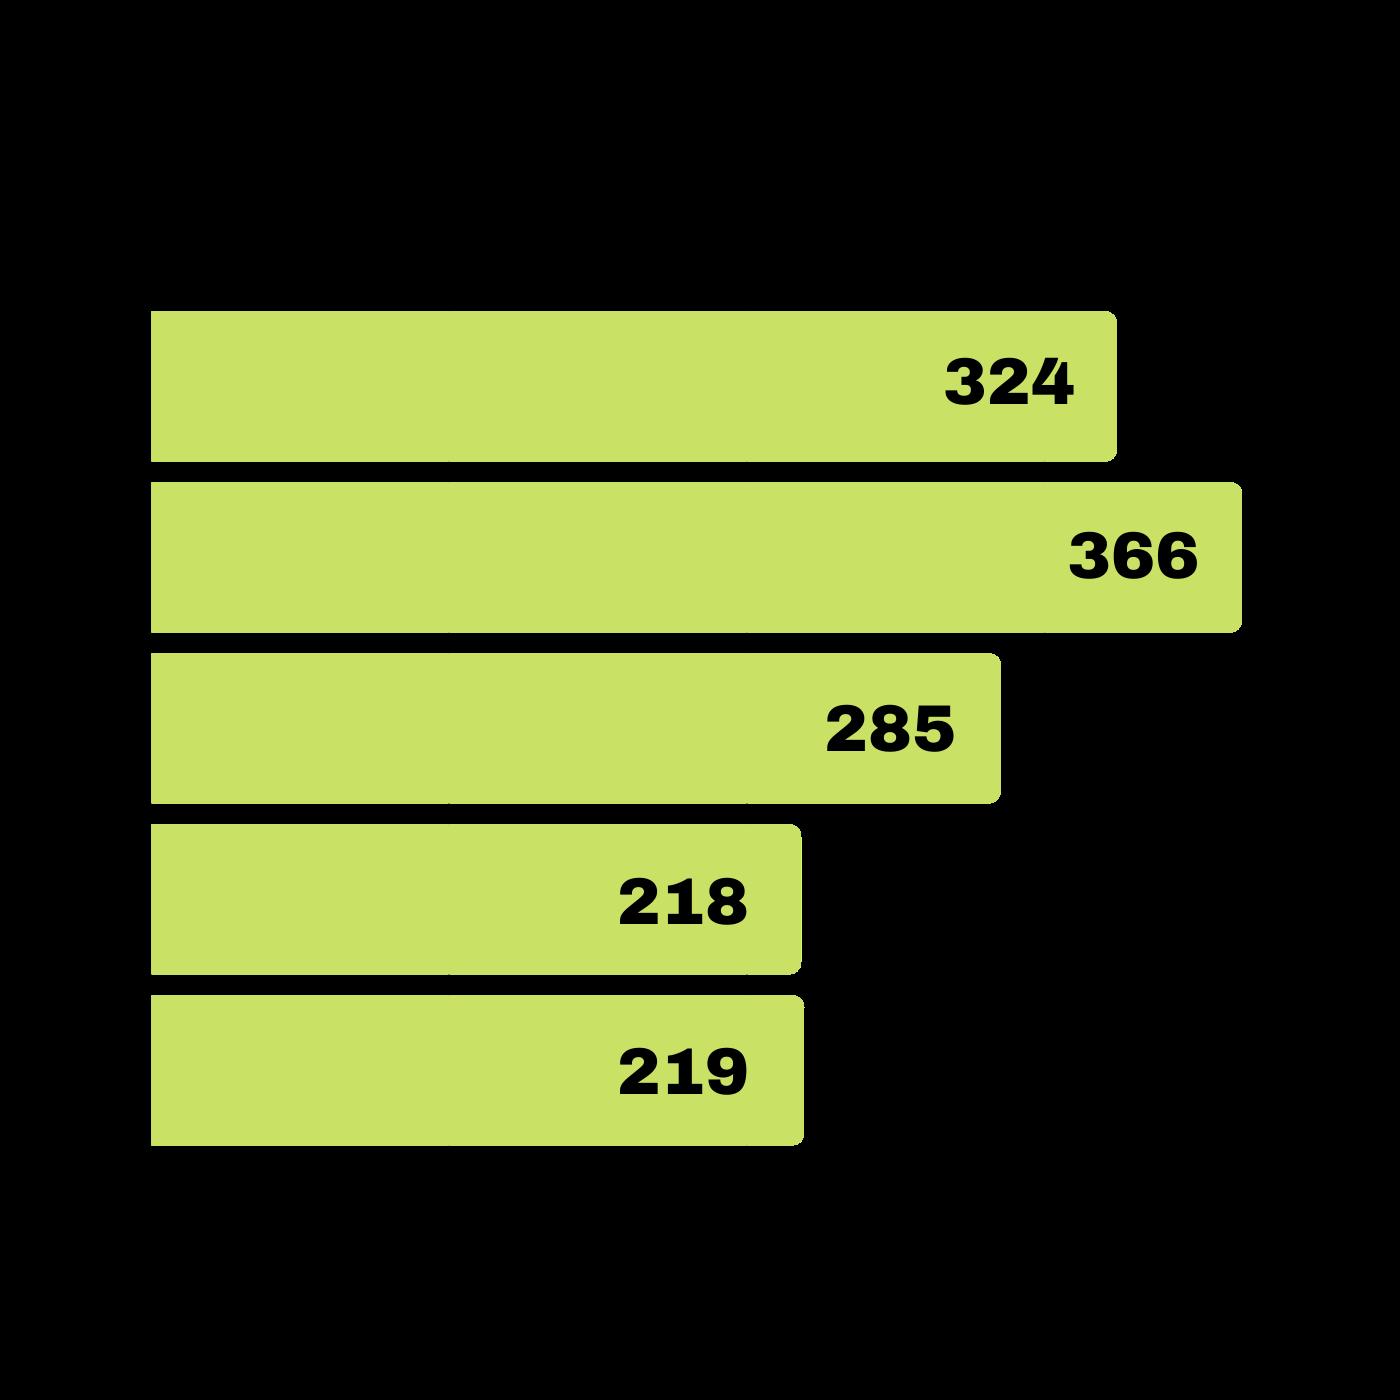 El Incremento De La Seguridad El Decrecimiento De Robos Y Hurtos En Santa Tecla. Hurtos comunes 2015 2019. Infografía. Roberto d'Aubuisson. 2020